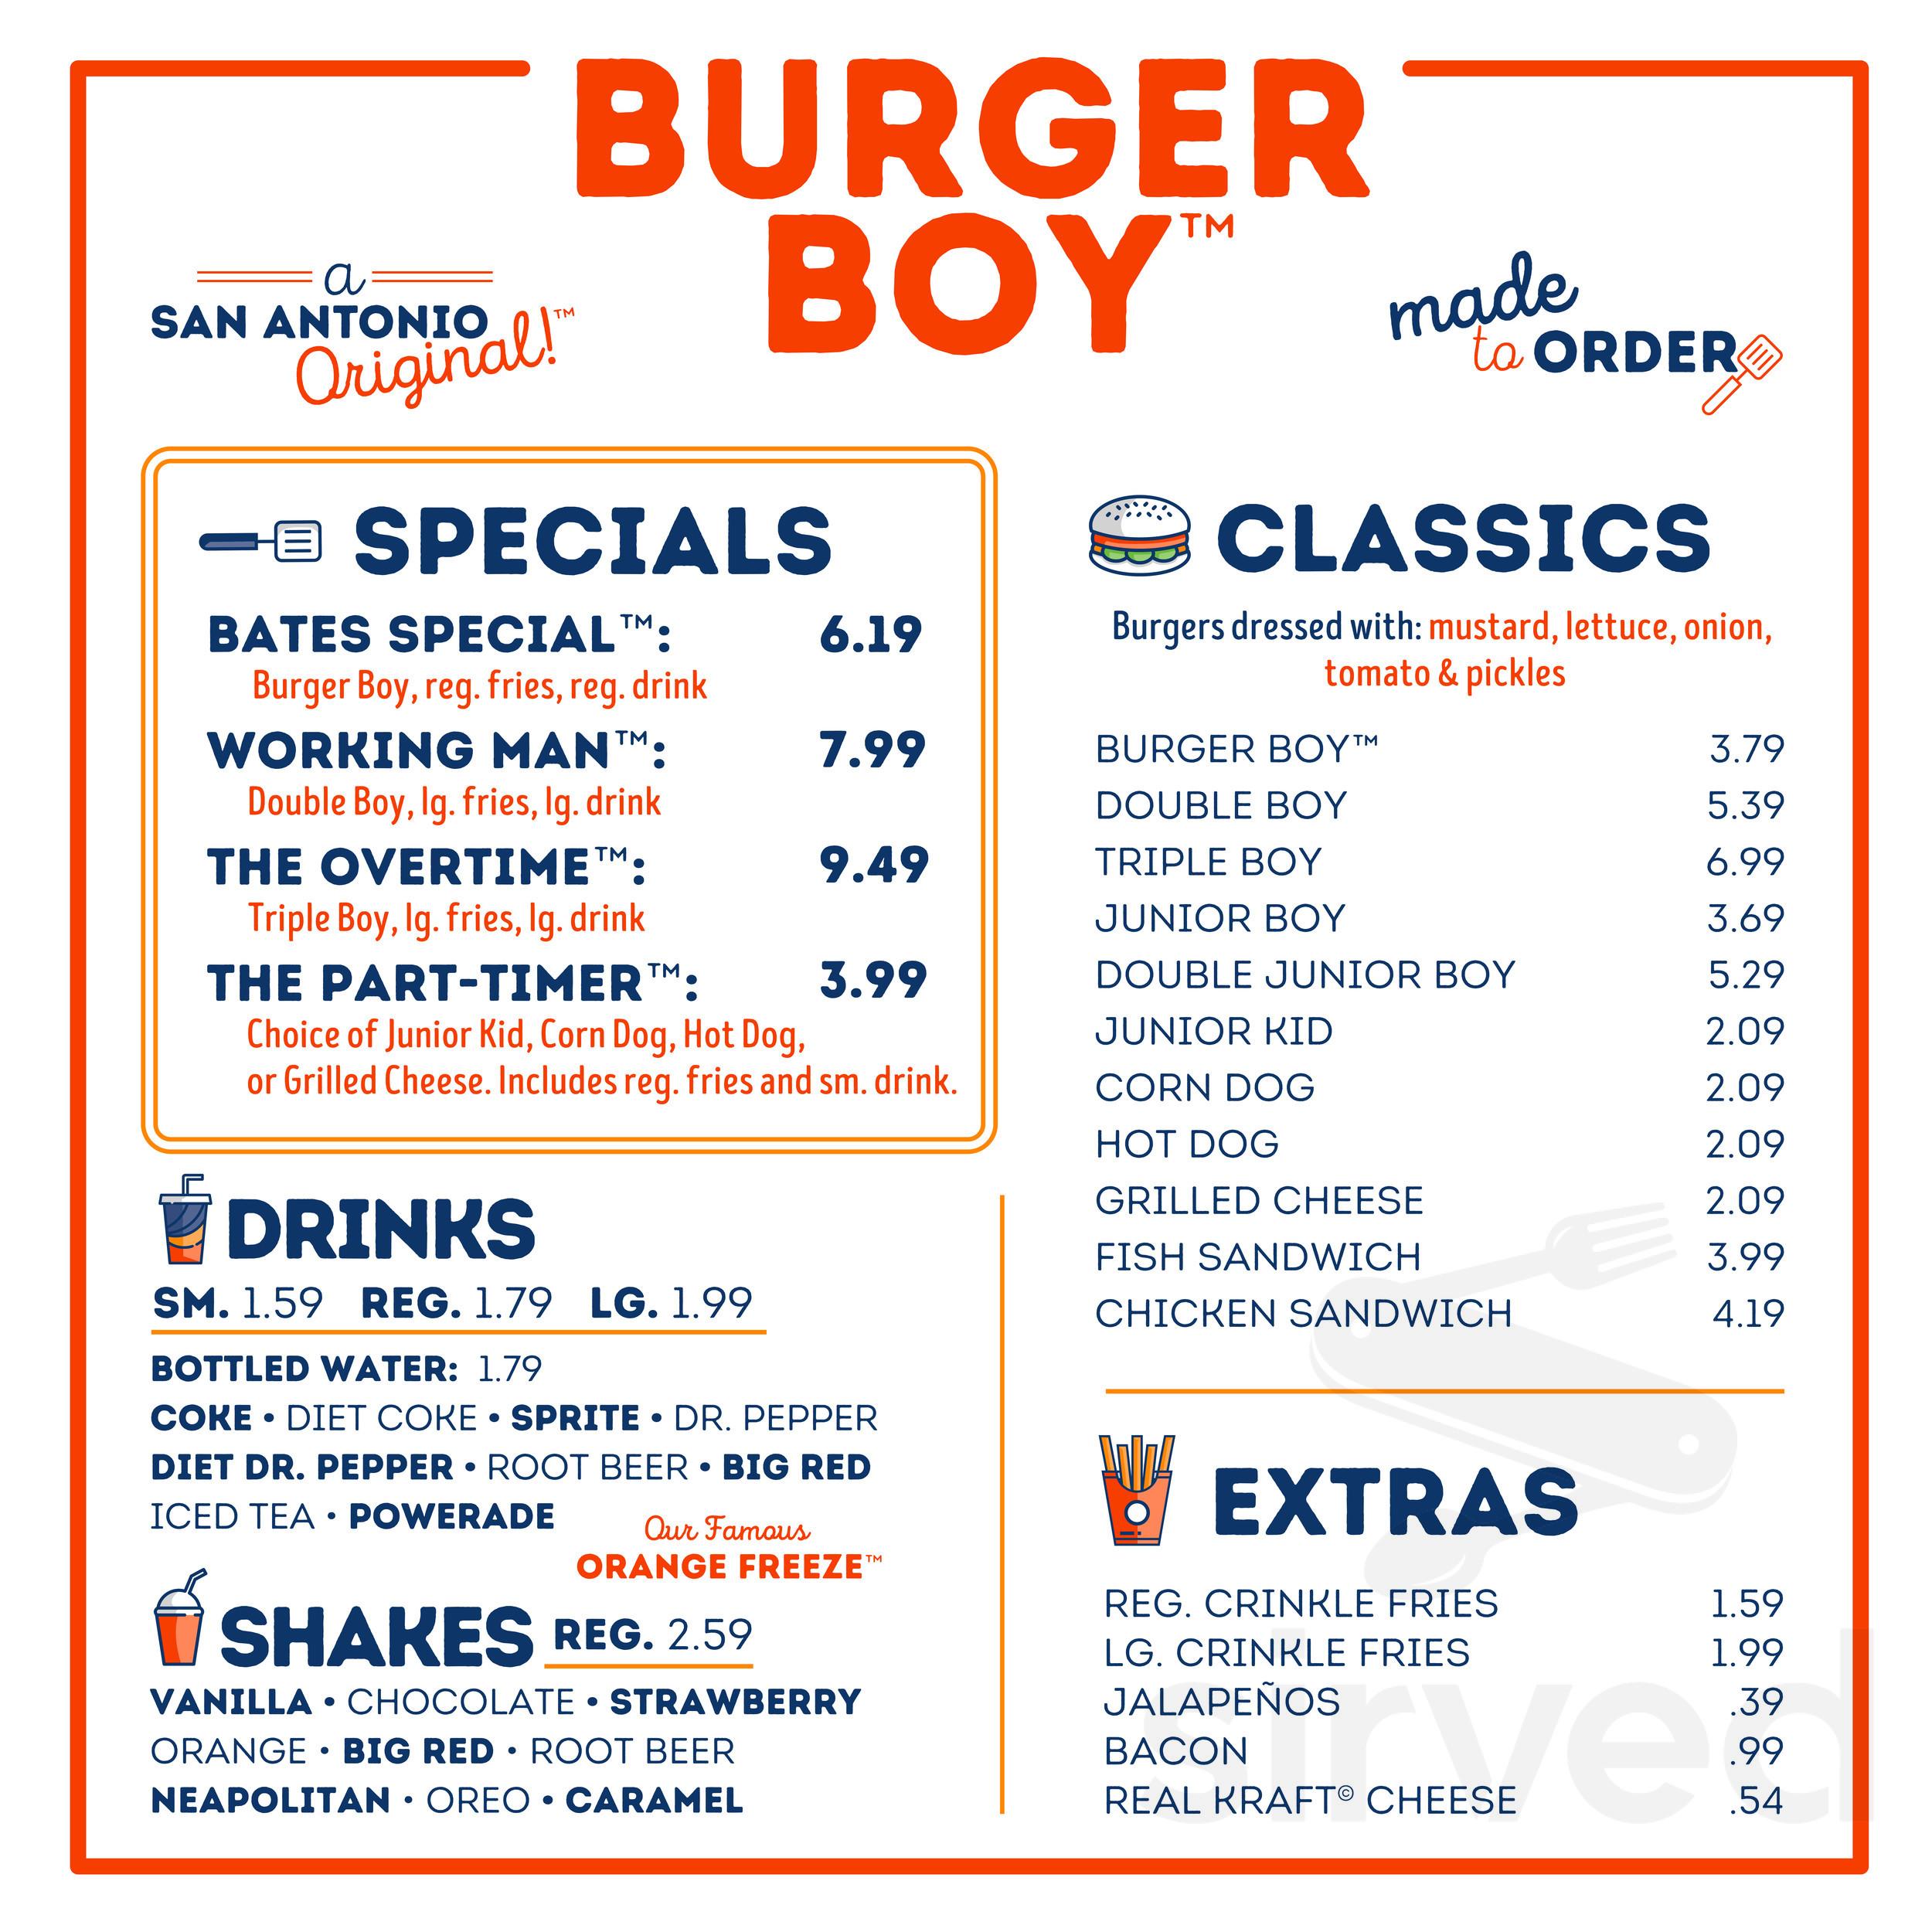 Burger Boy Menu In San Antonio Texas Usa Oi burger boy burger boy: burger boy menu in san antonio texas usa